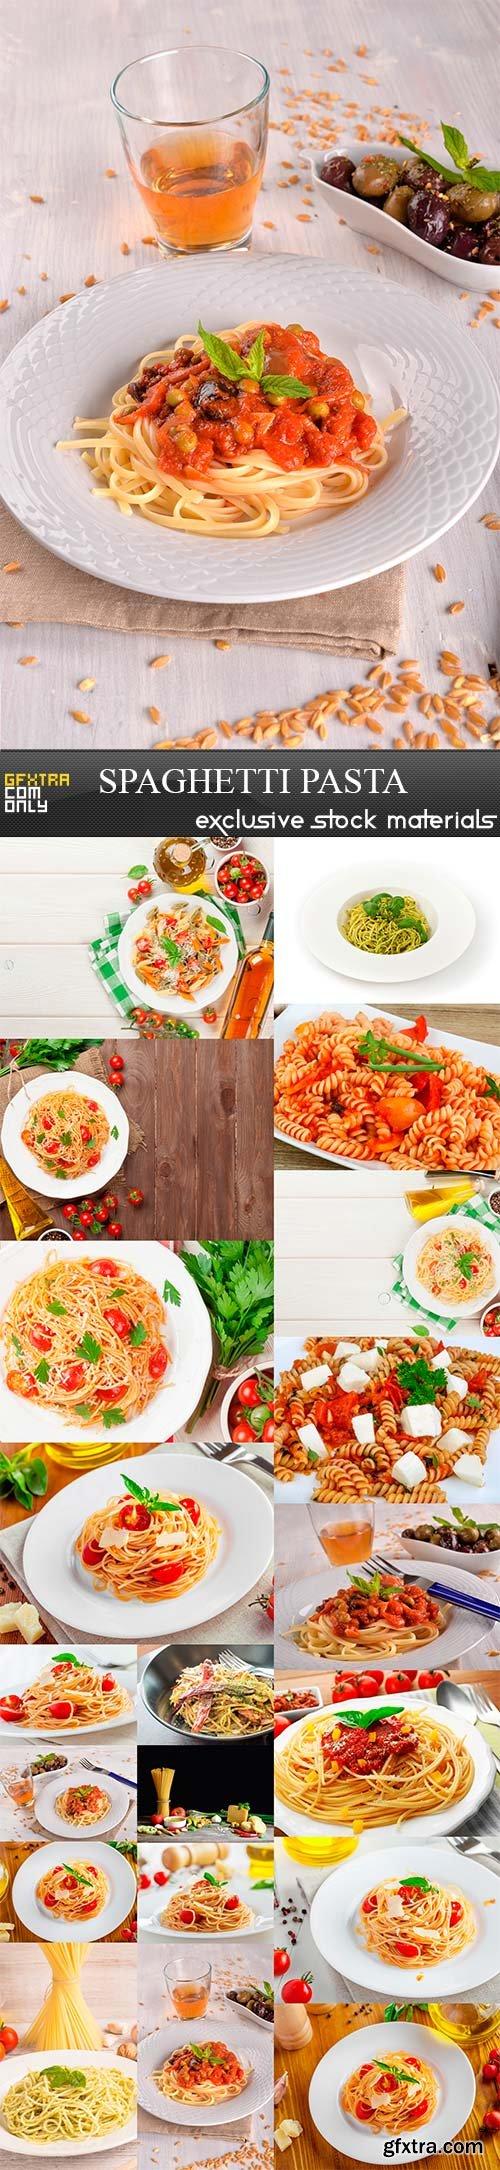 Spaghetti pasta, 20 x UHQ JPEG